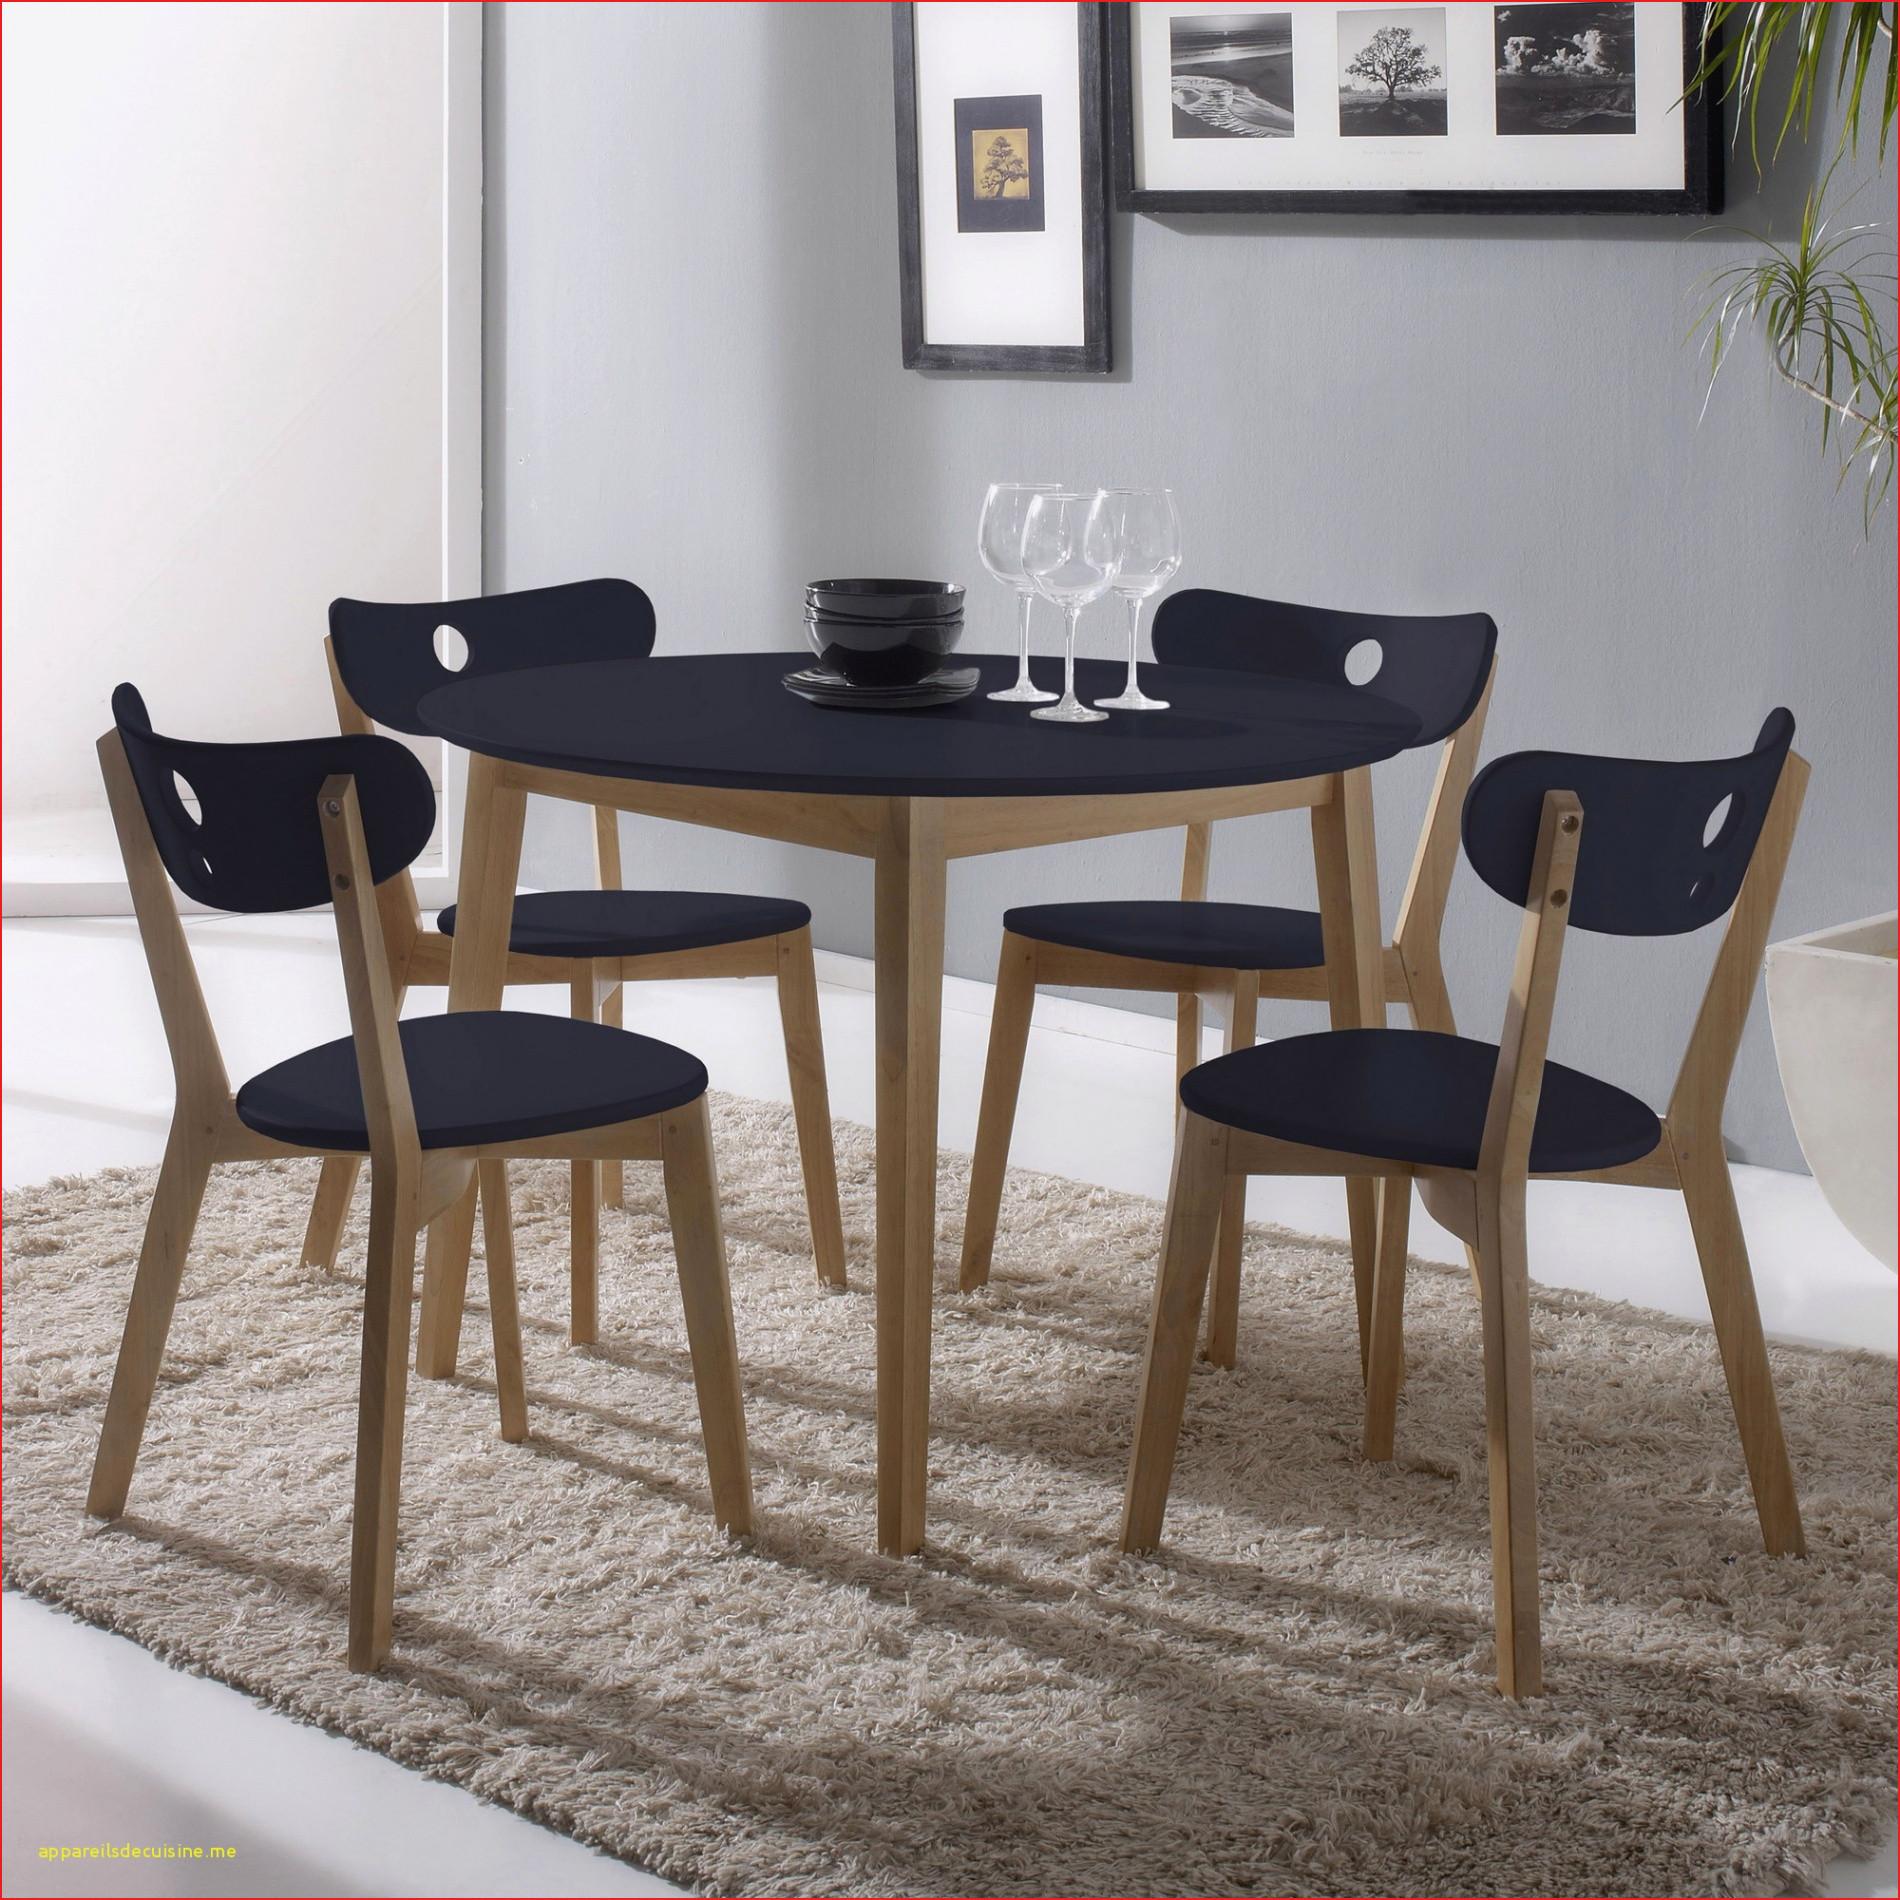 Table Jardin Et Chaise Best Of Fa§ons De Fauteuil Bois Image De Fauteuil Décoratif Of 40 Inspirant Table Jardin Et Chaise